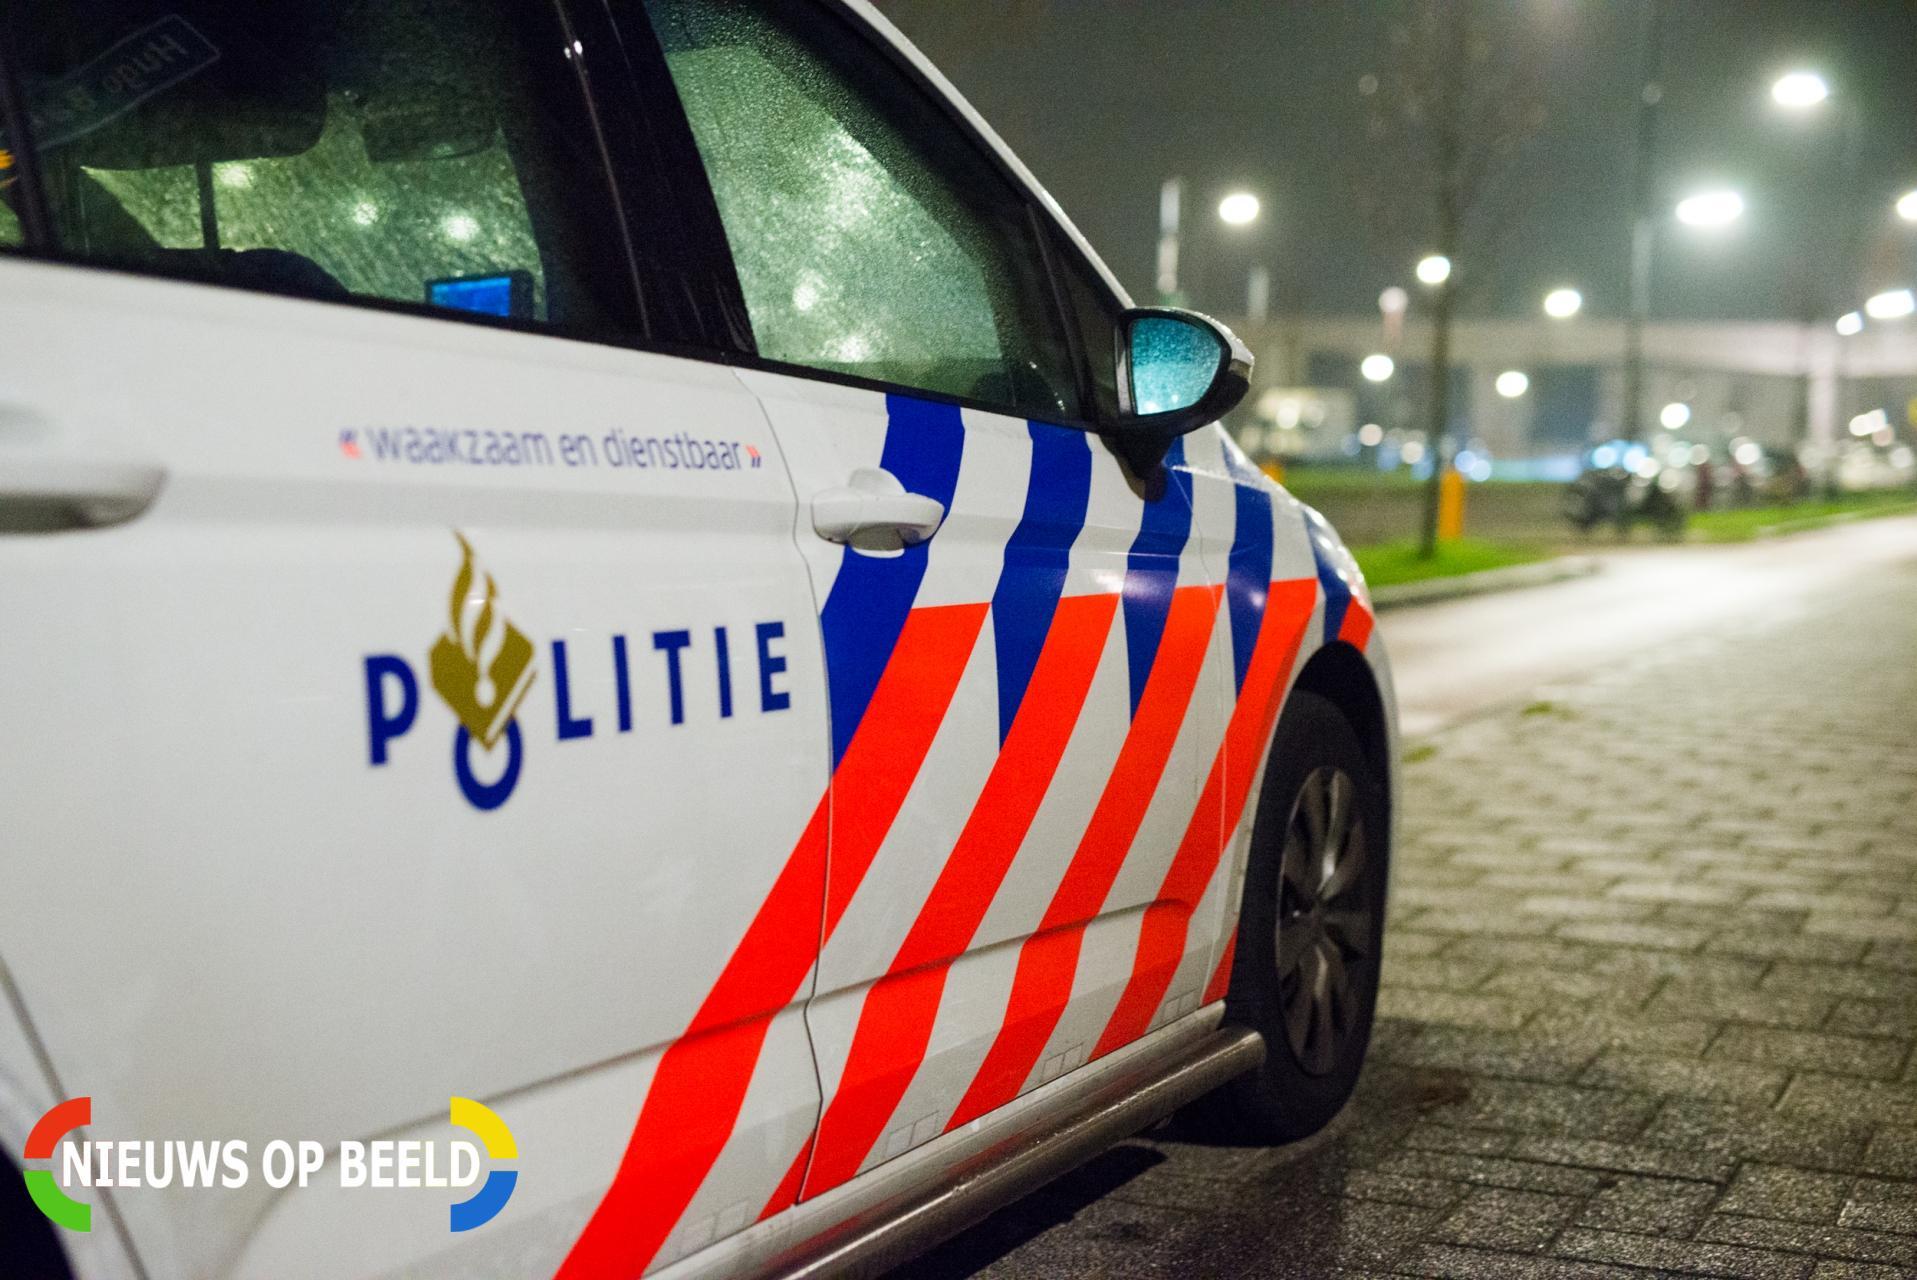 Verdachte langer vast in onderzoek dode vrouw in Rotterdams portiek; Politie dringend op zoek naar tipgevers